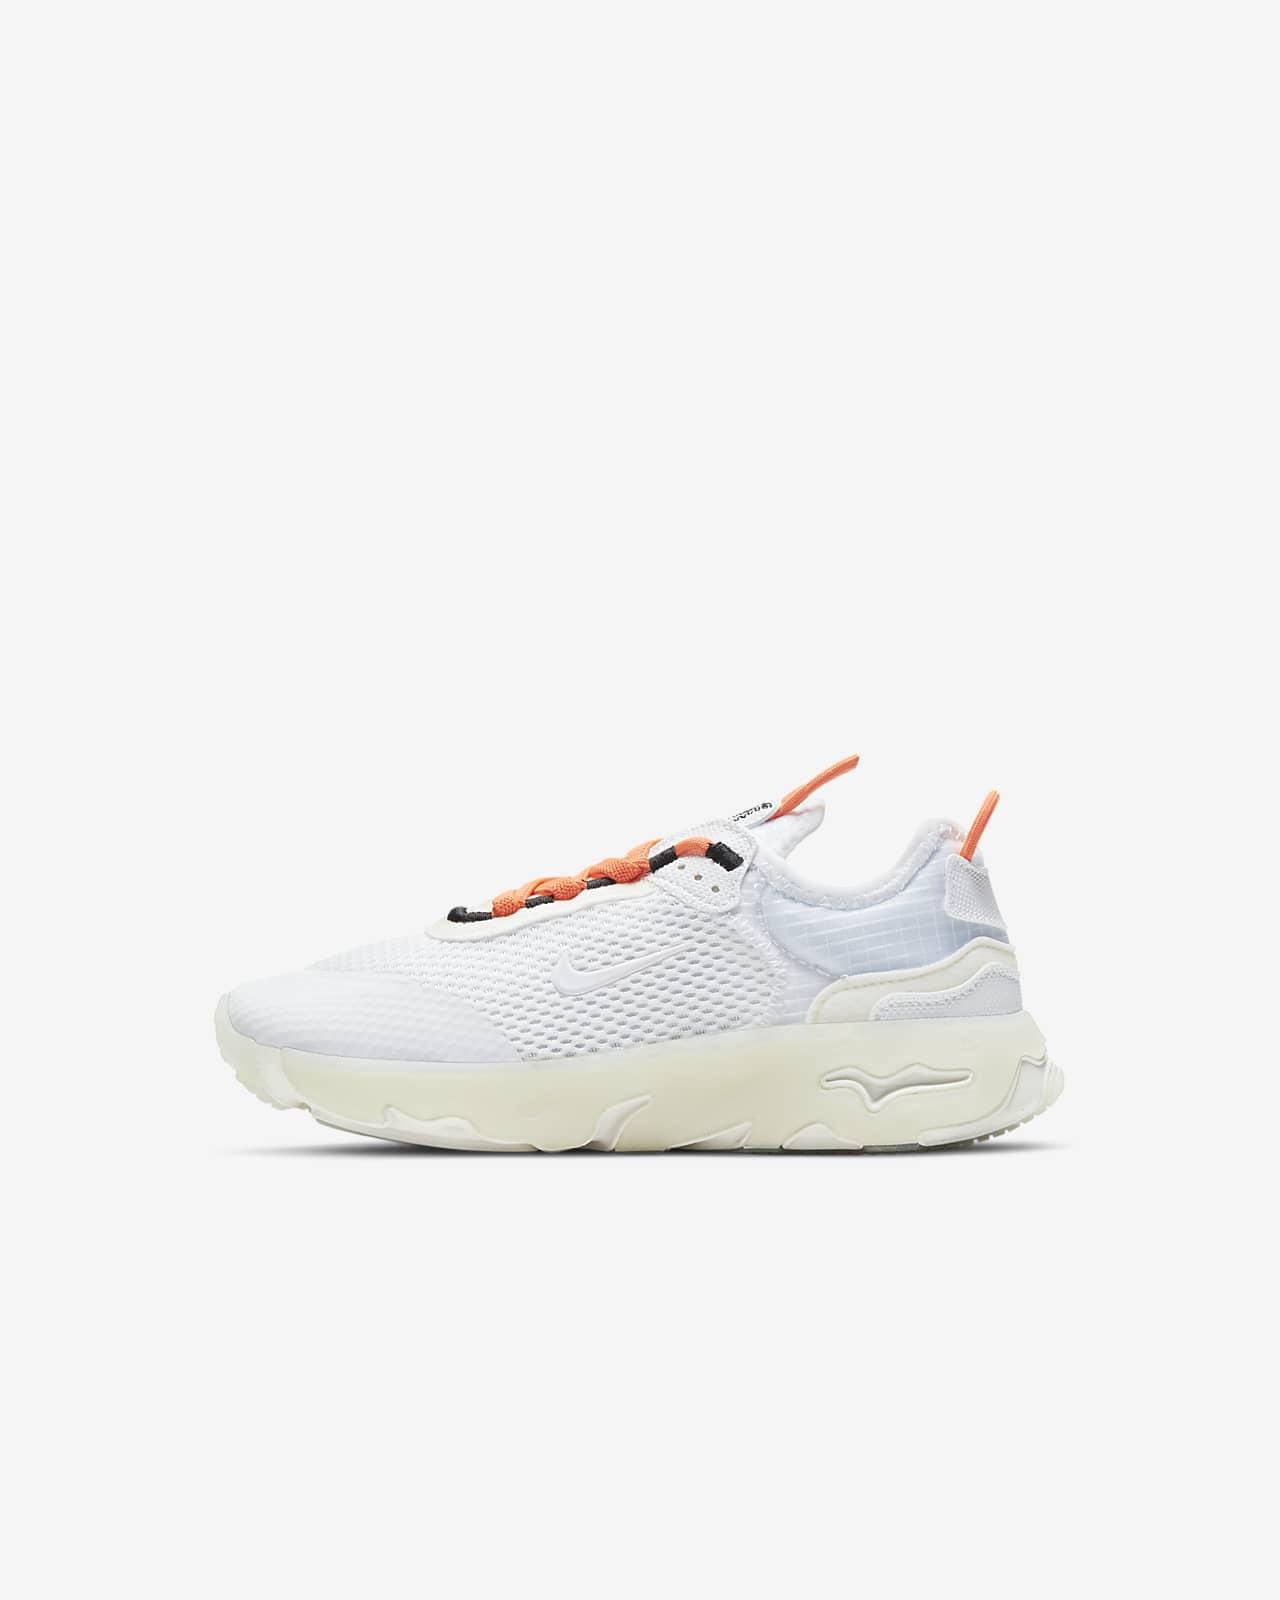 Chaussure Nike RT Live pour Jeune enfant